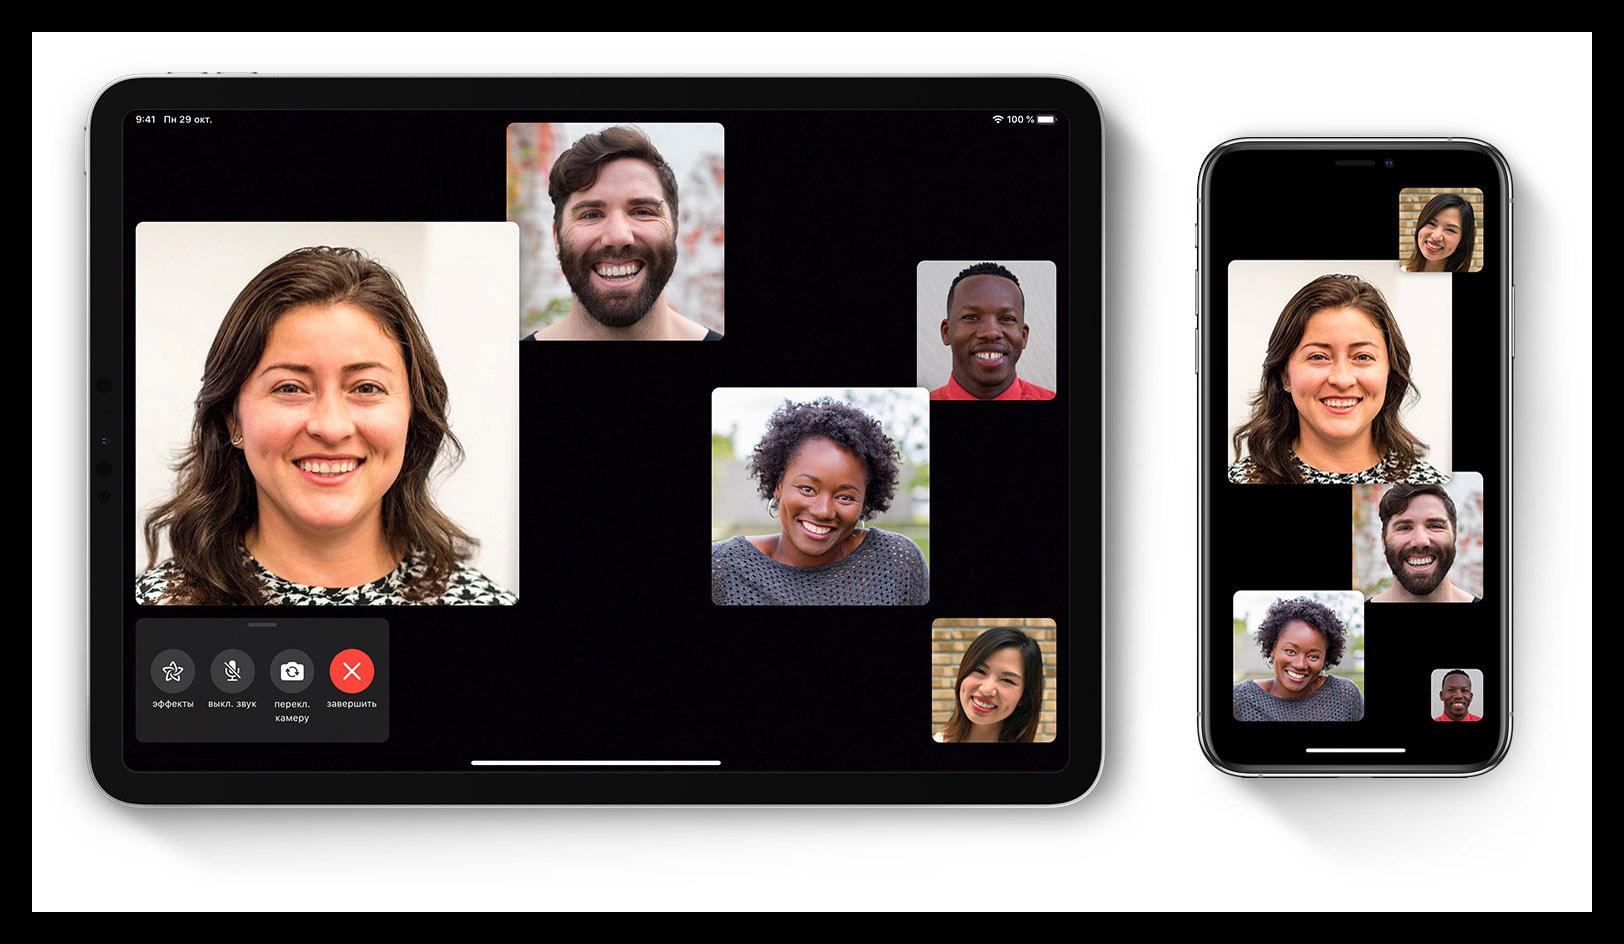 Картинка Групповые звонки в FaceTime